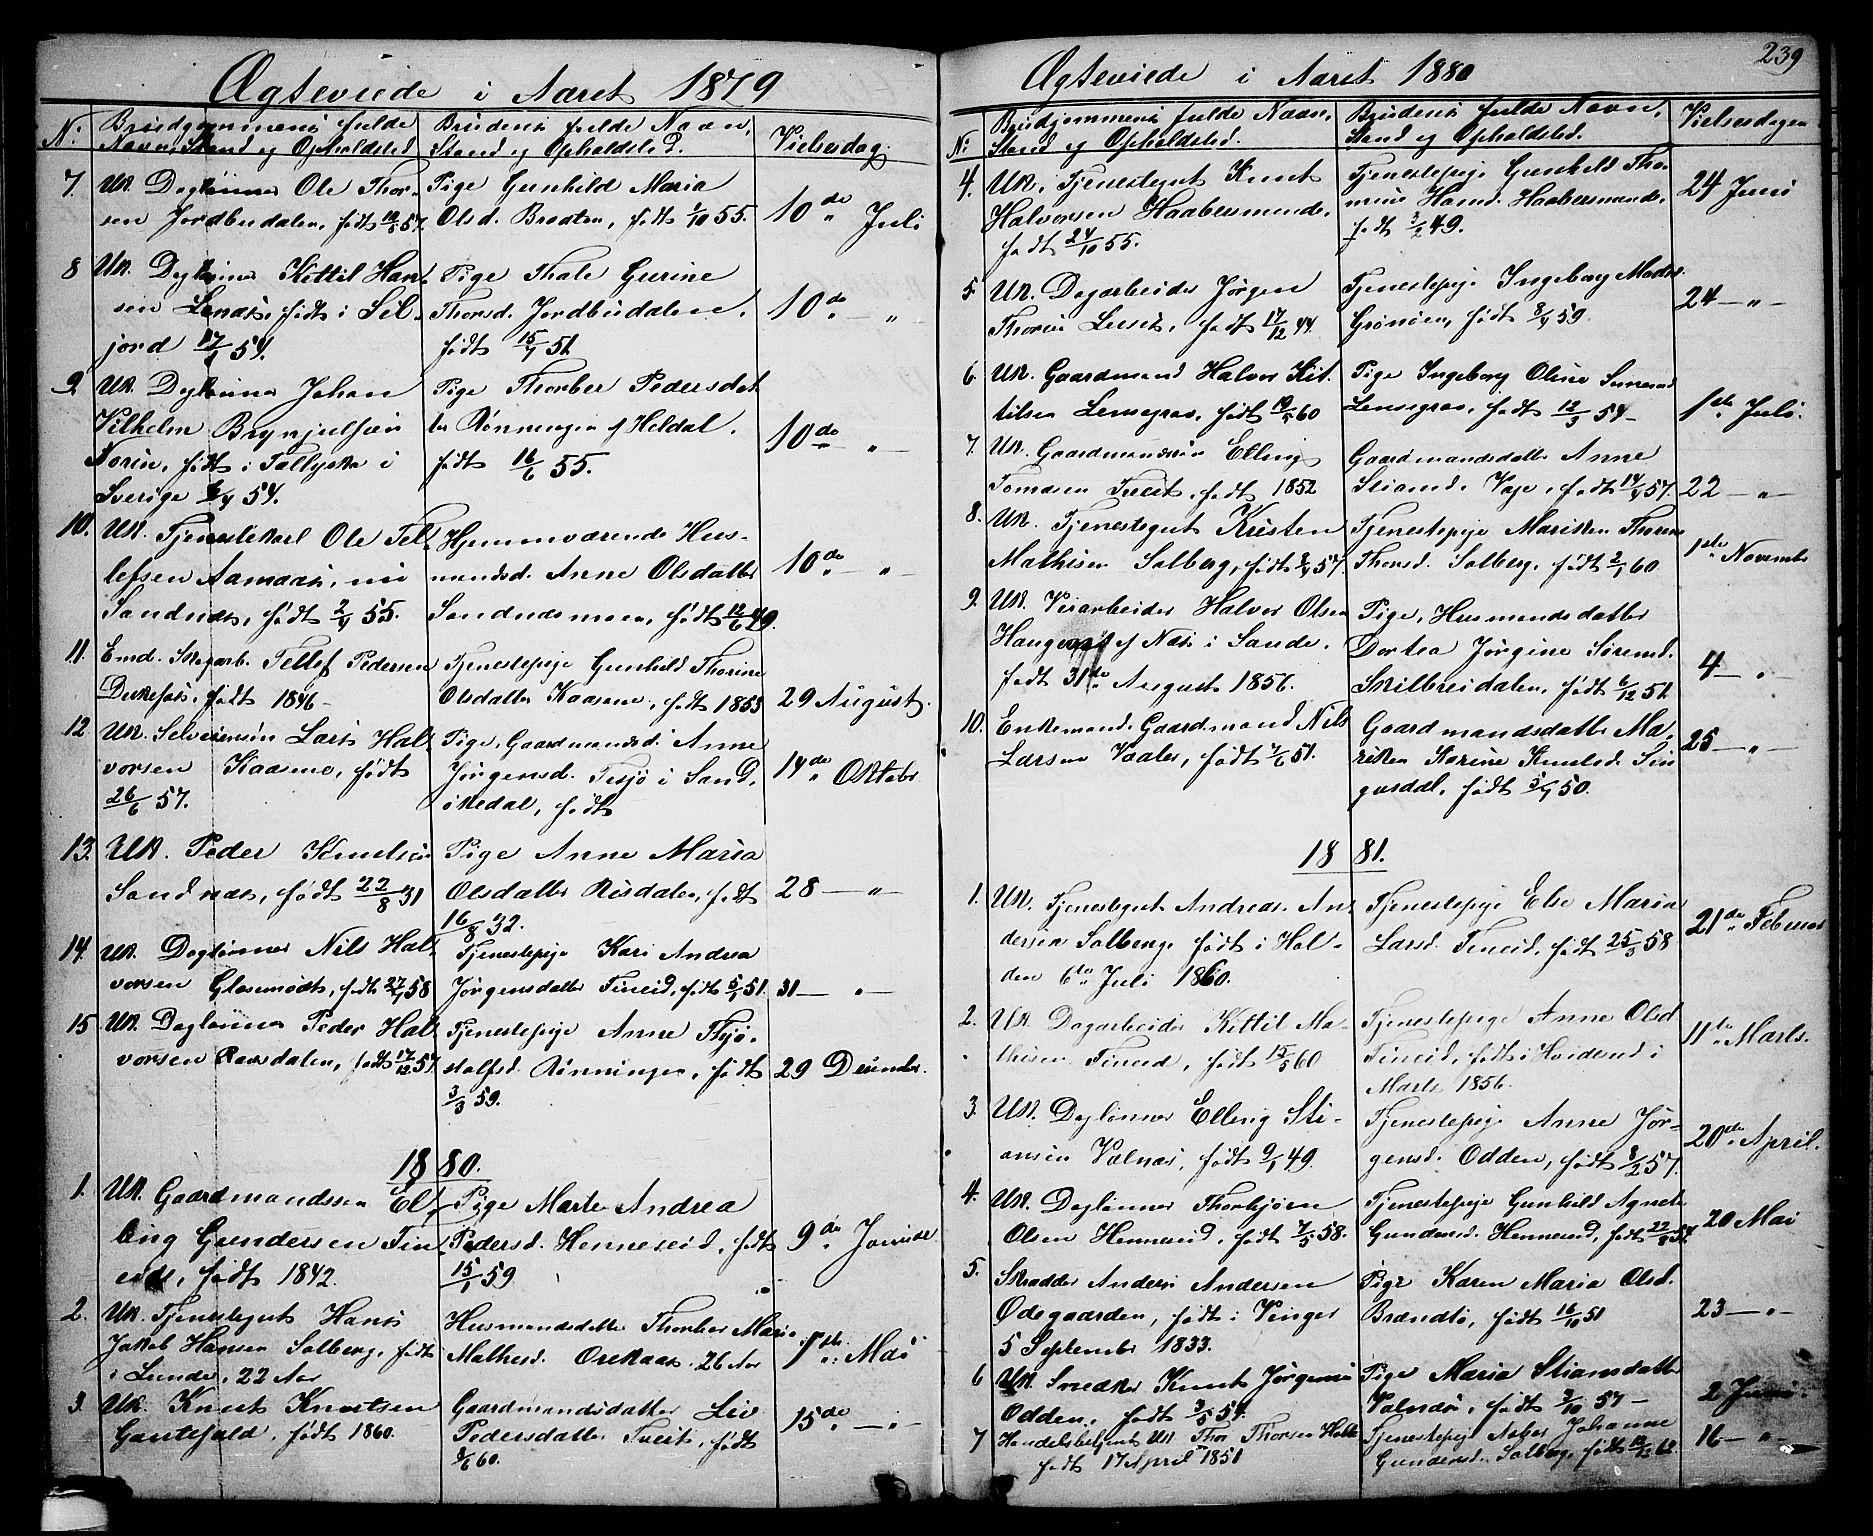 SAKO, Drangedal kirkebøker, G/Ga/L0002: Klokkerbok nr. I 2, 1856-1887, s. 239